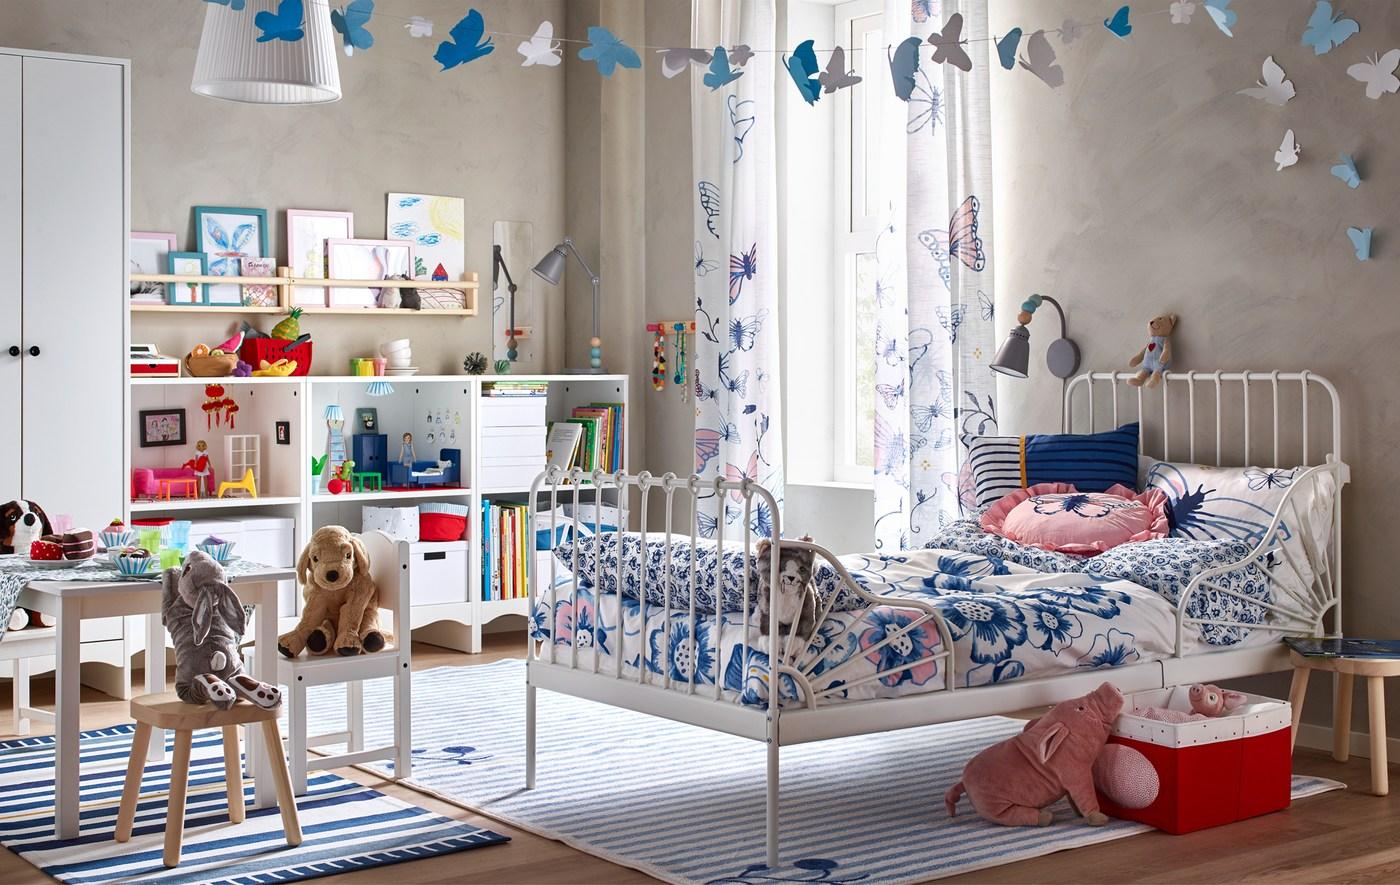 Chambre Garcon 2 Ans Ikea chambre d'enfant amusante aux nombreux rangements. - ikea